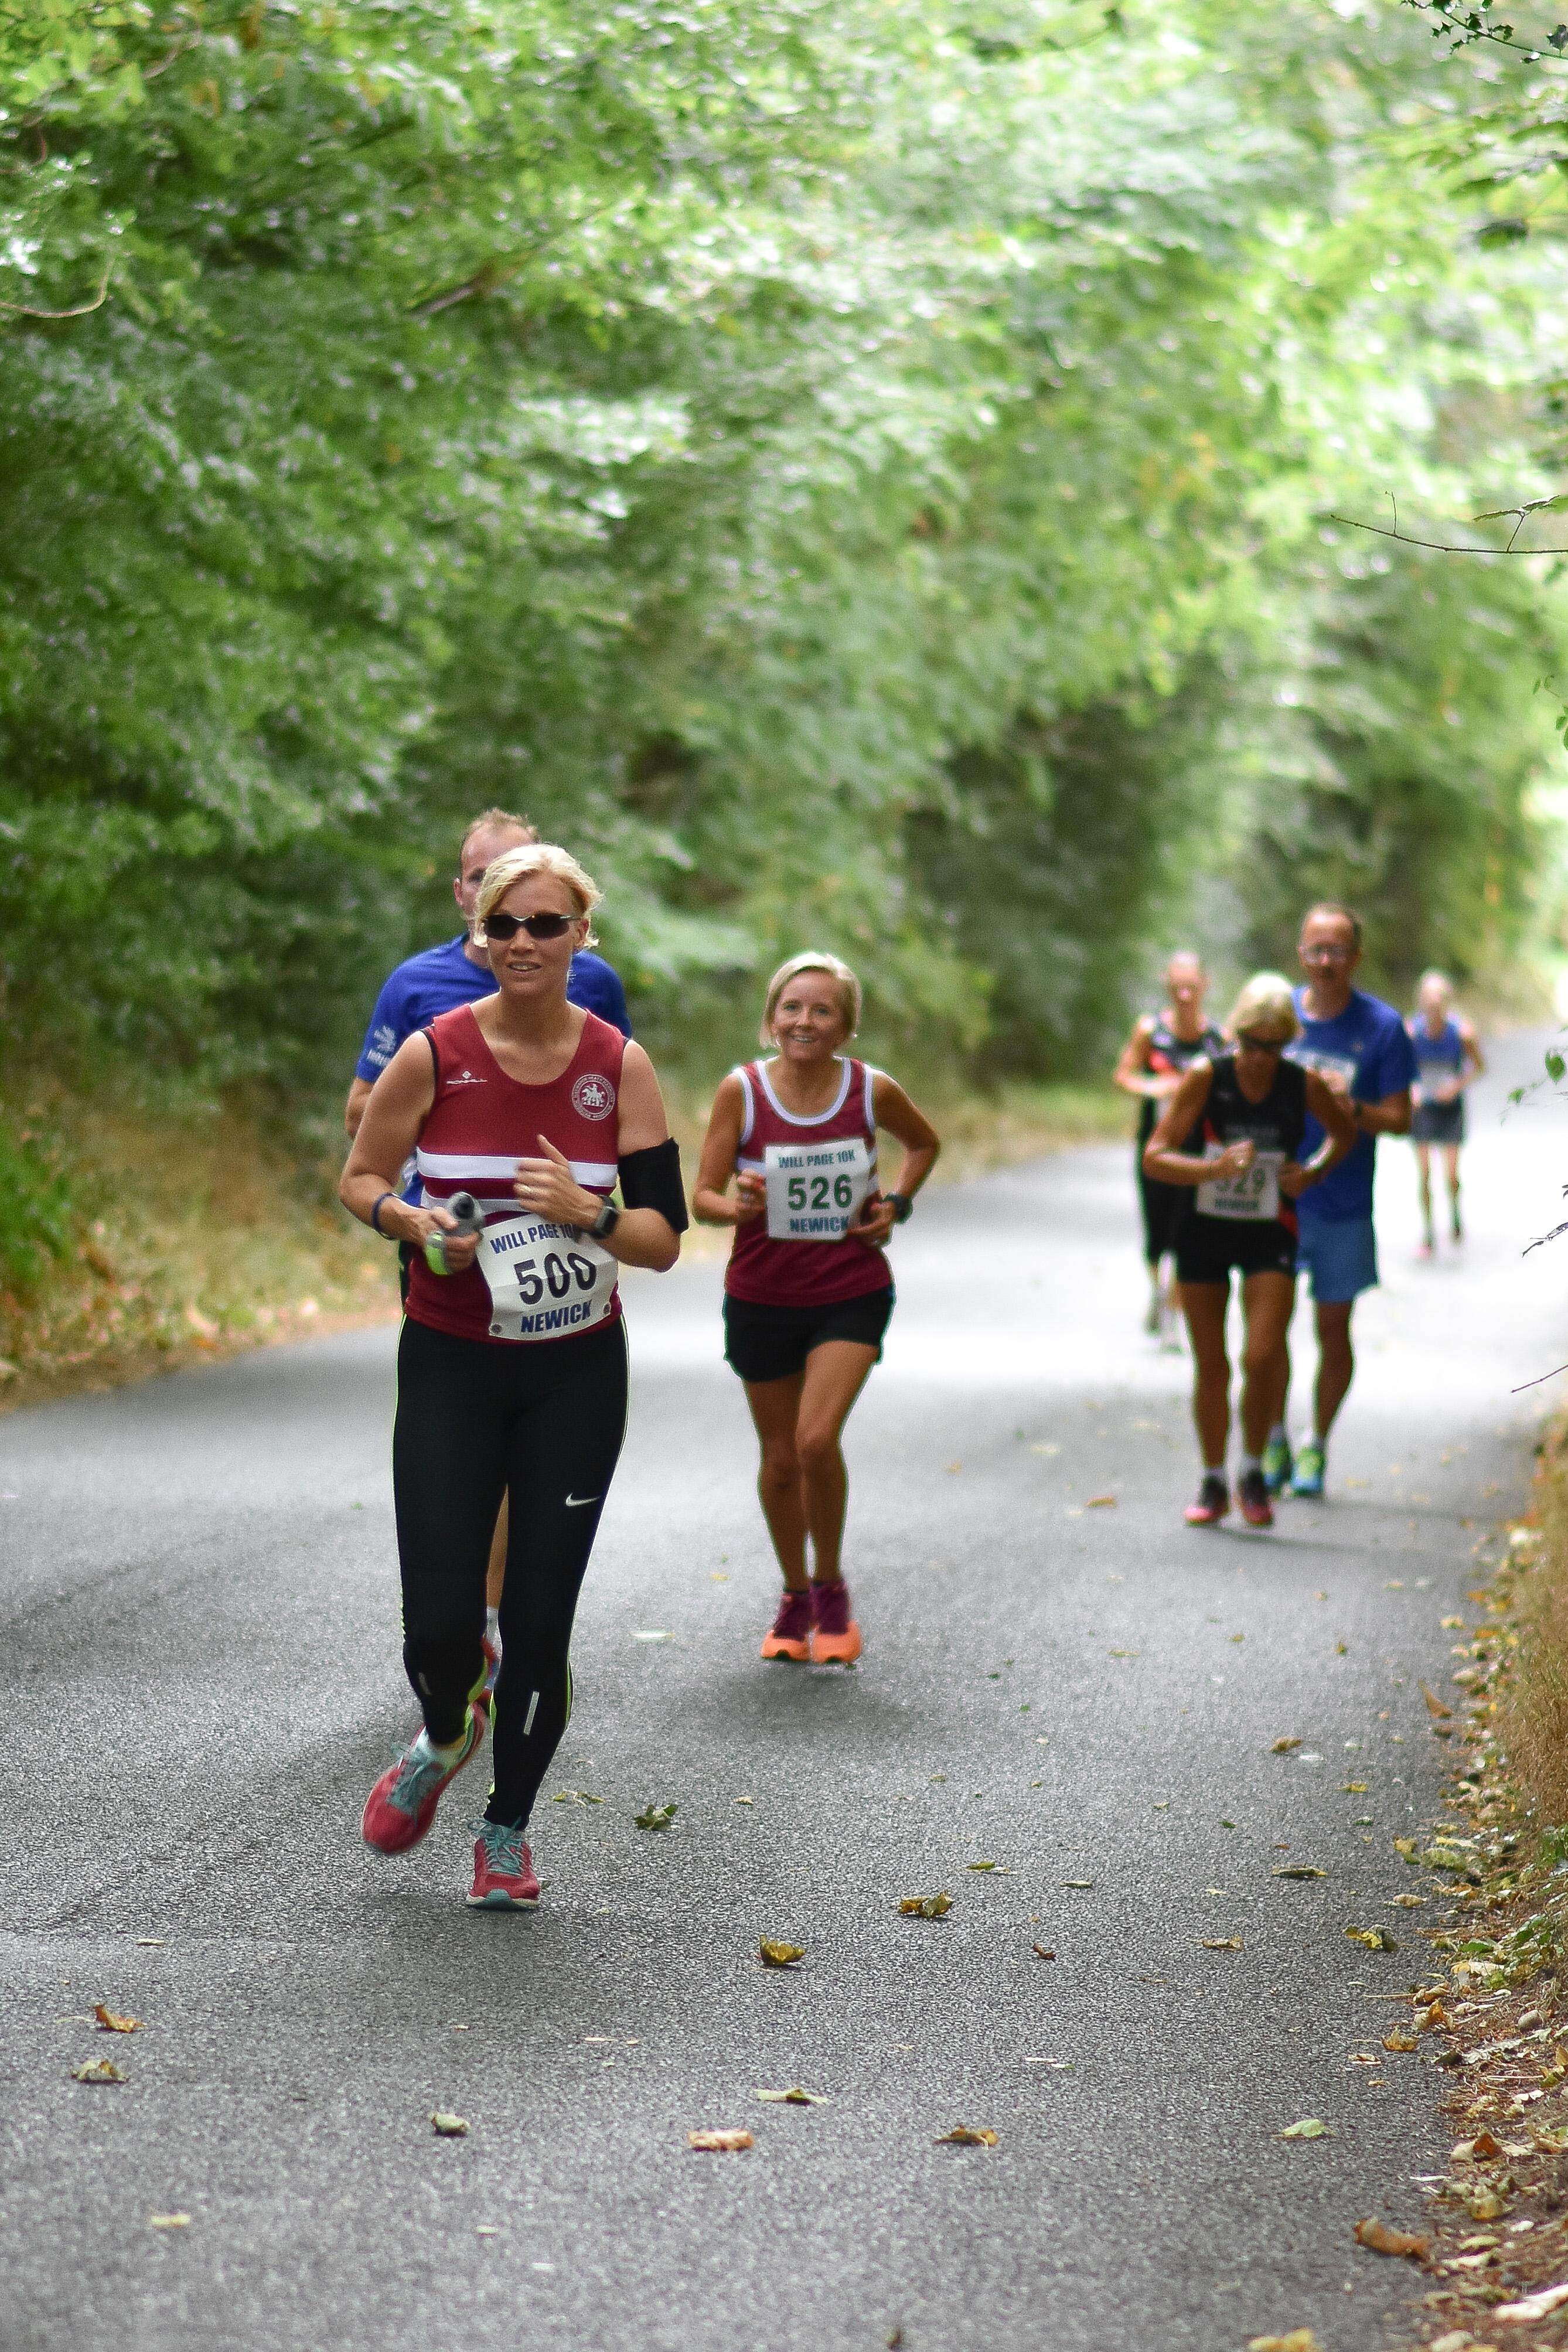 Runner - 500